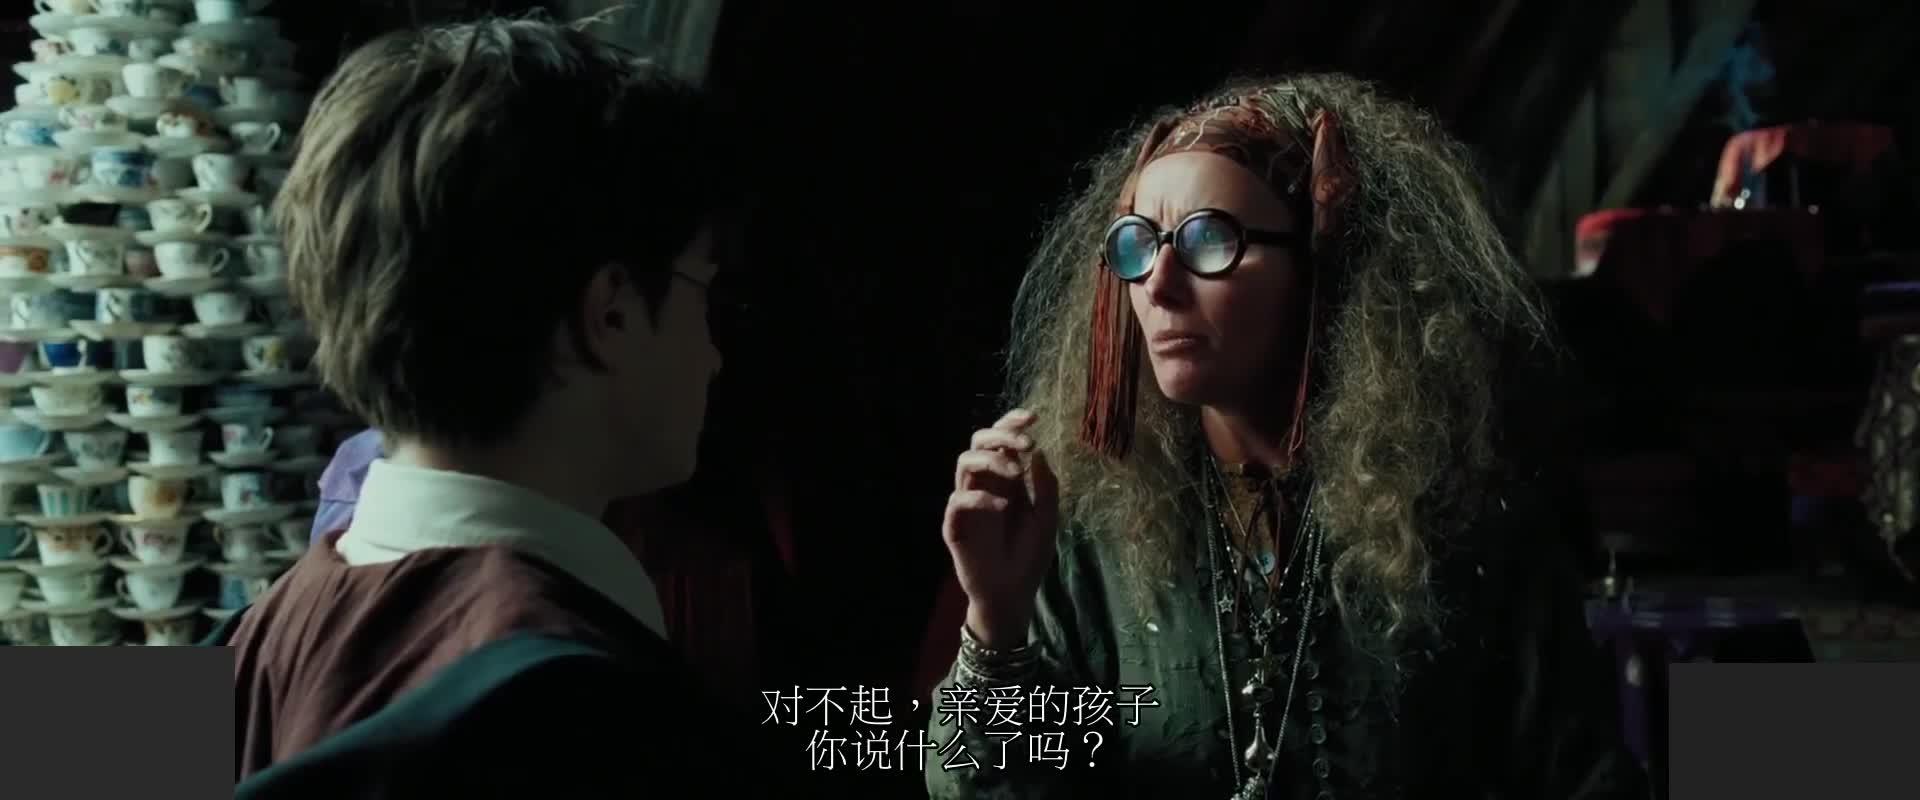 哈利波特探知未来,被吓坏,匆忙离开